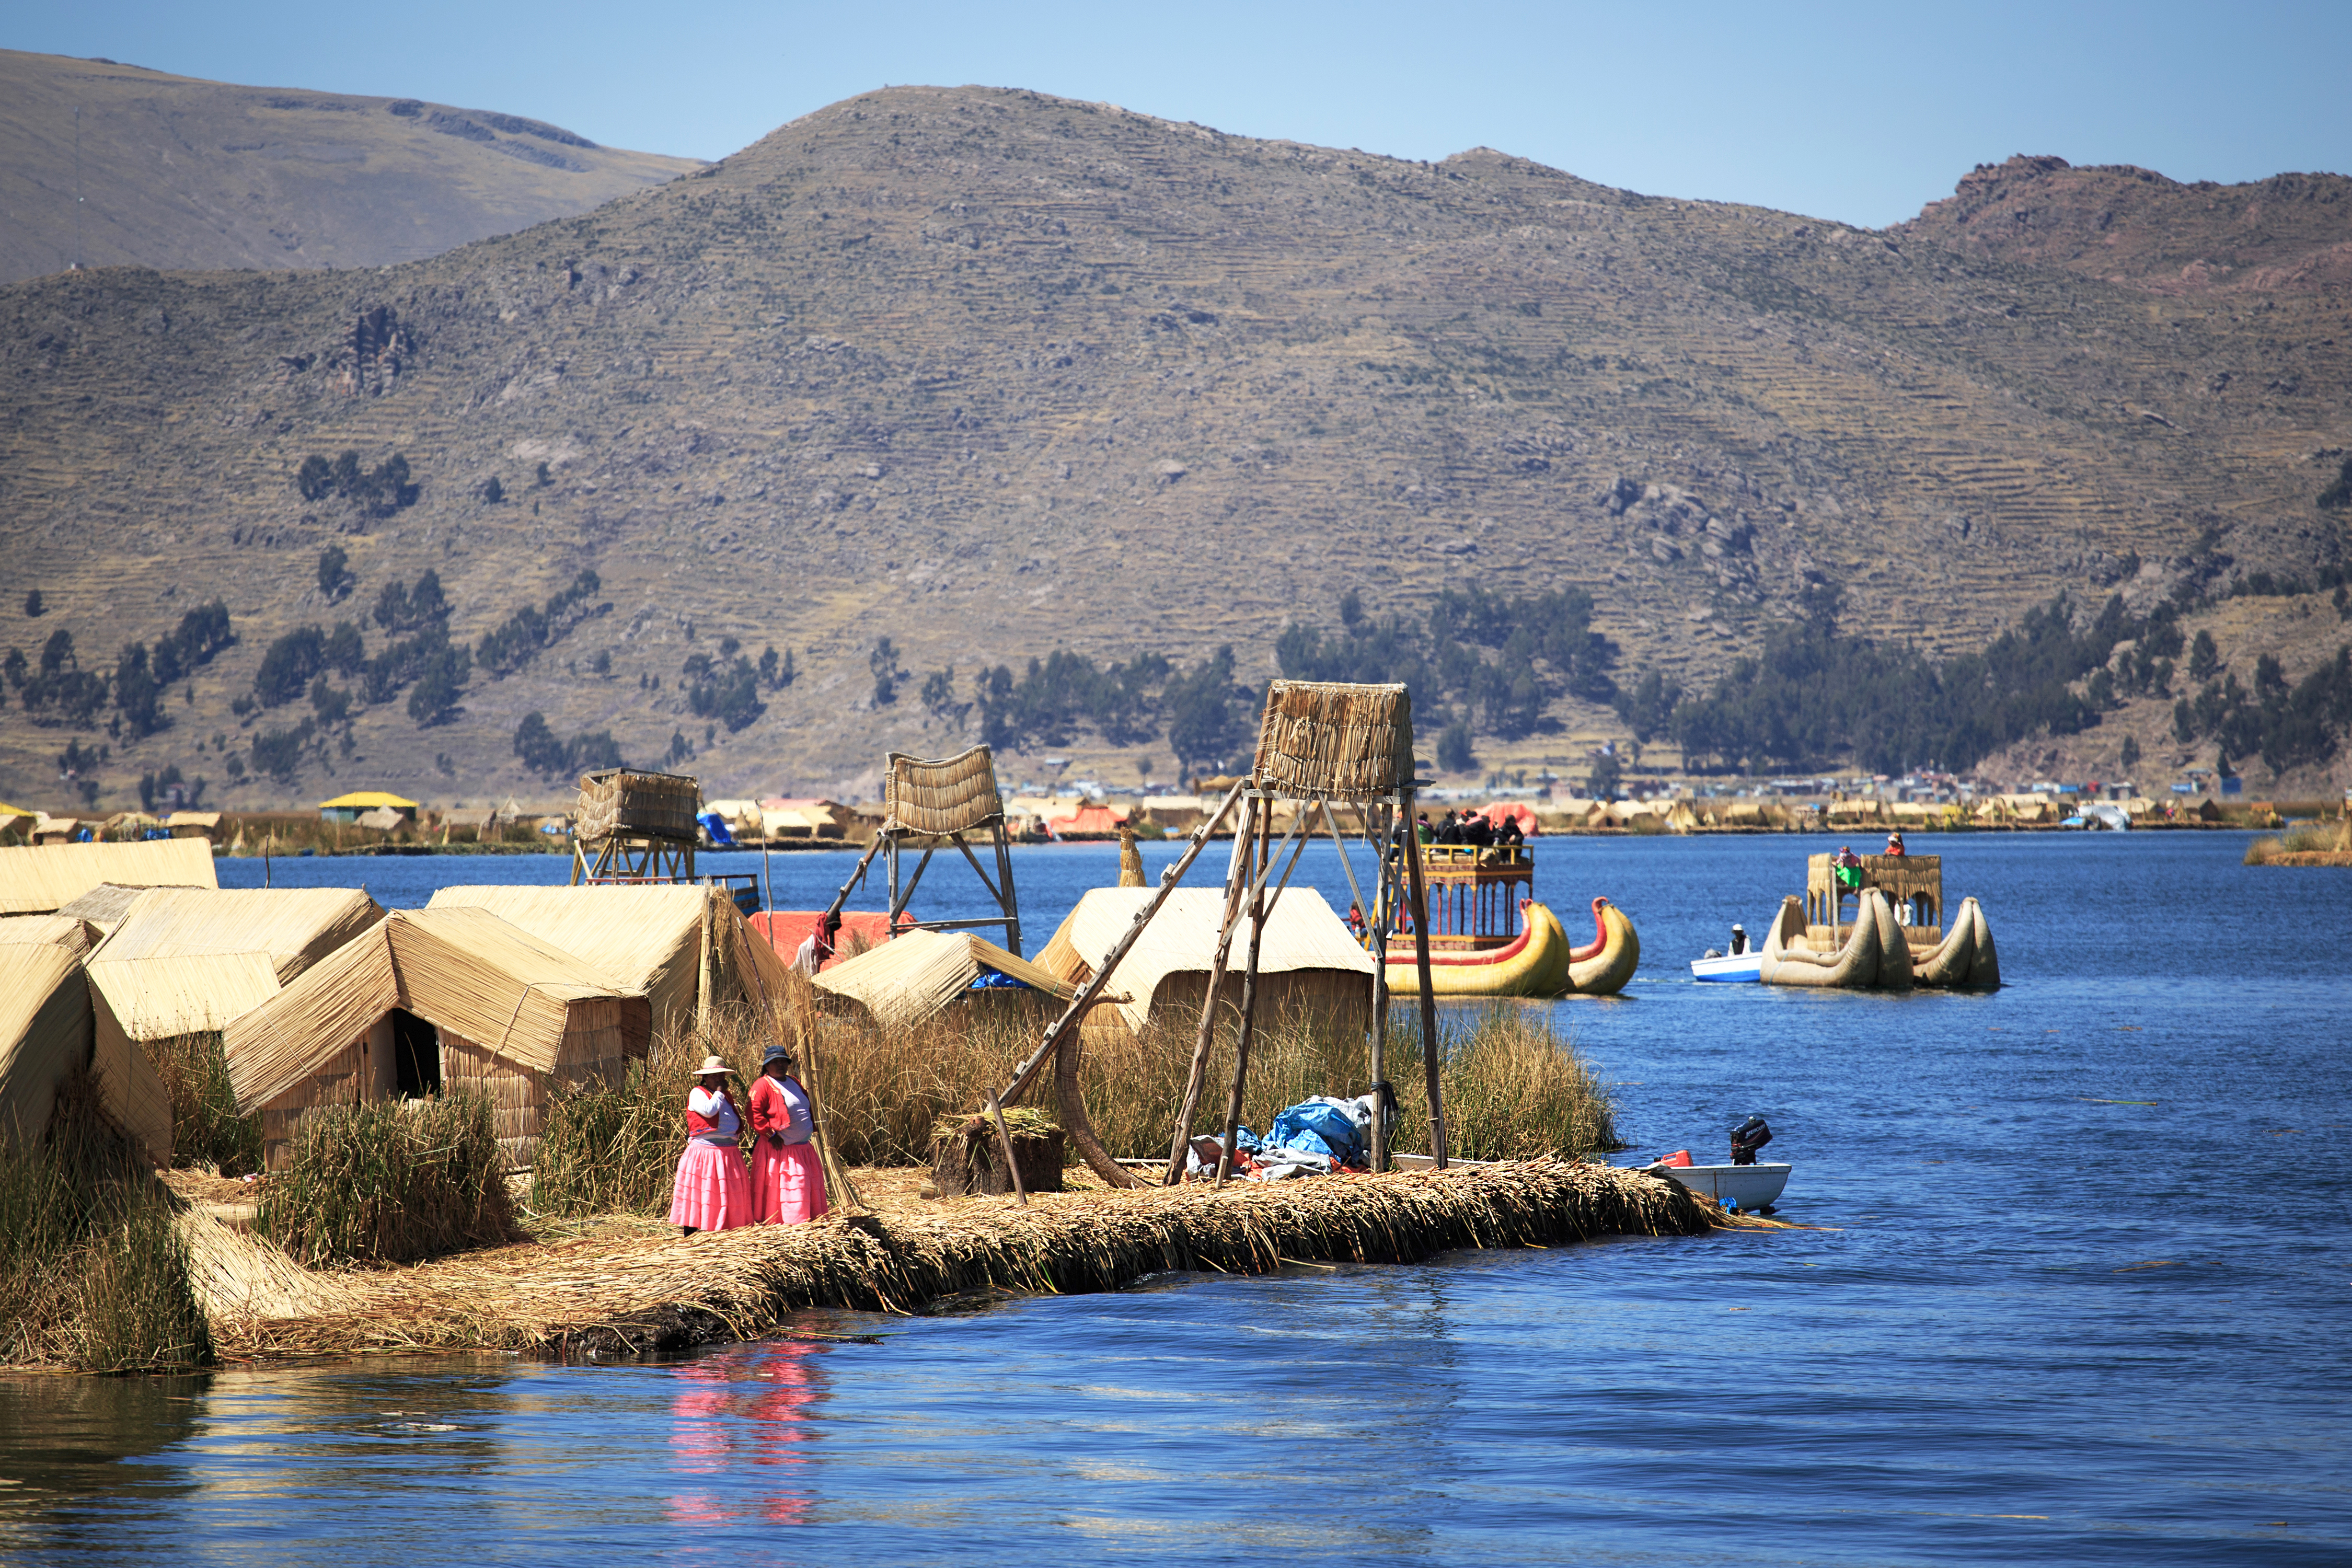 Huts Island Uros, Lago Titicaca, Puno, Peru